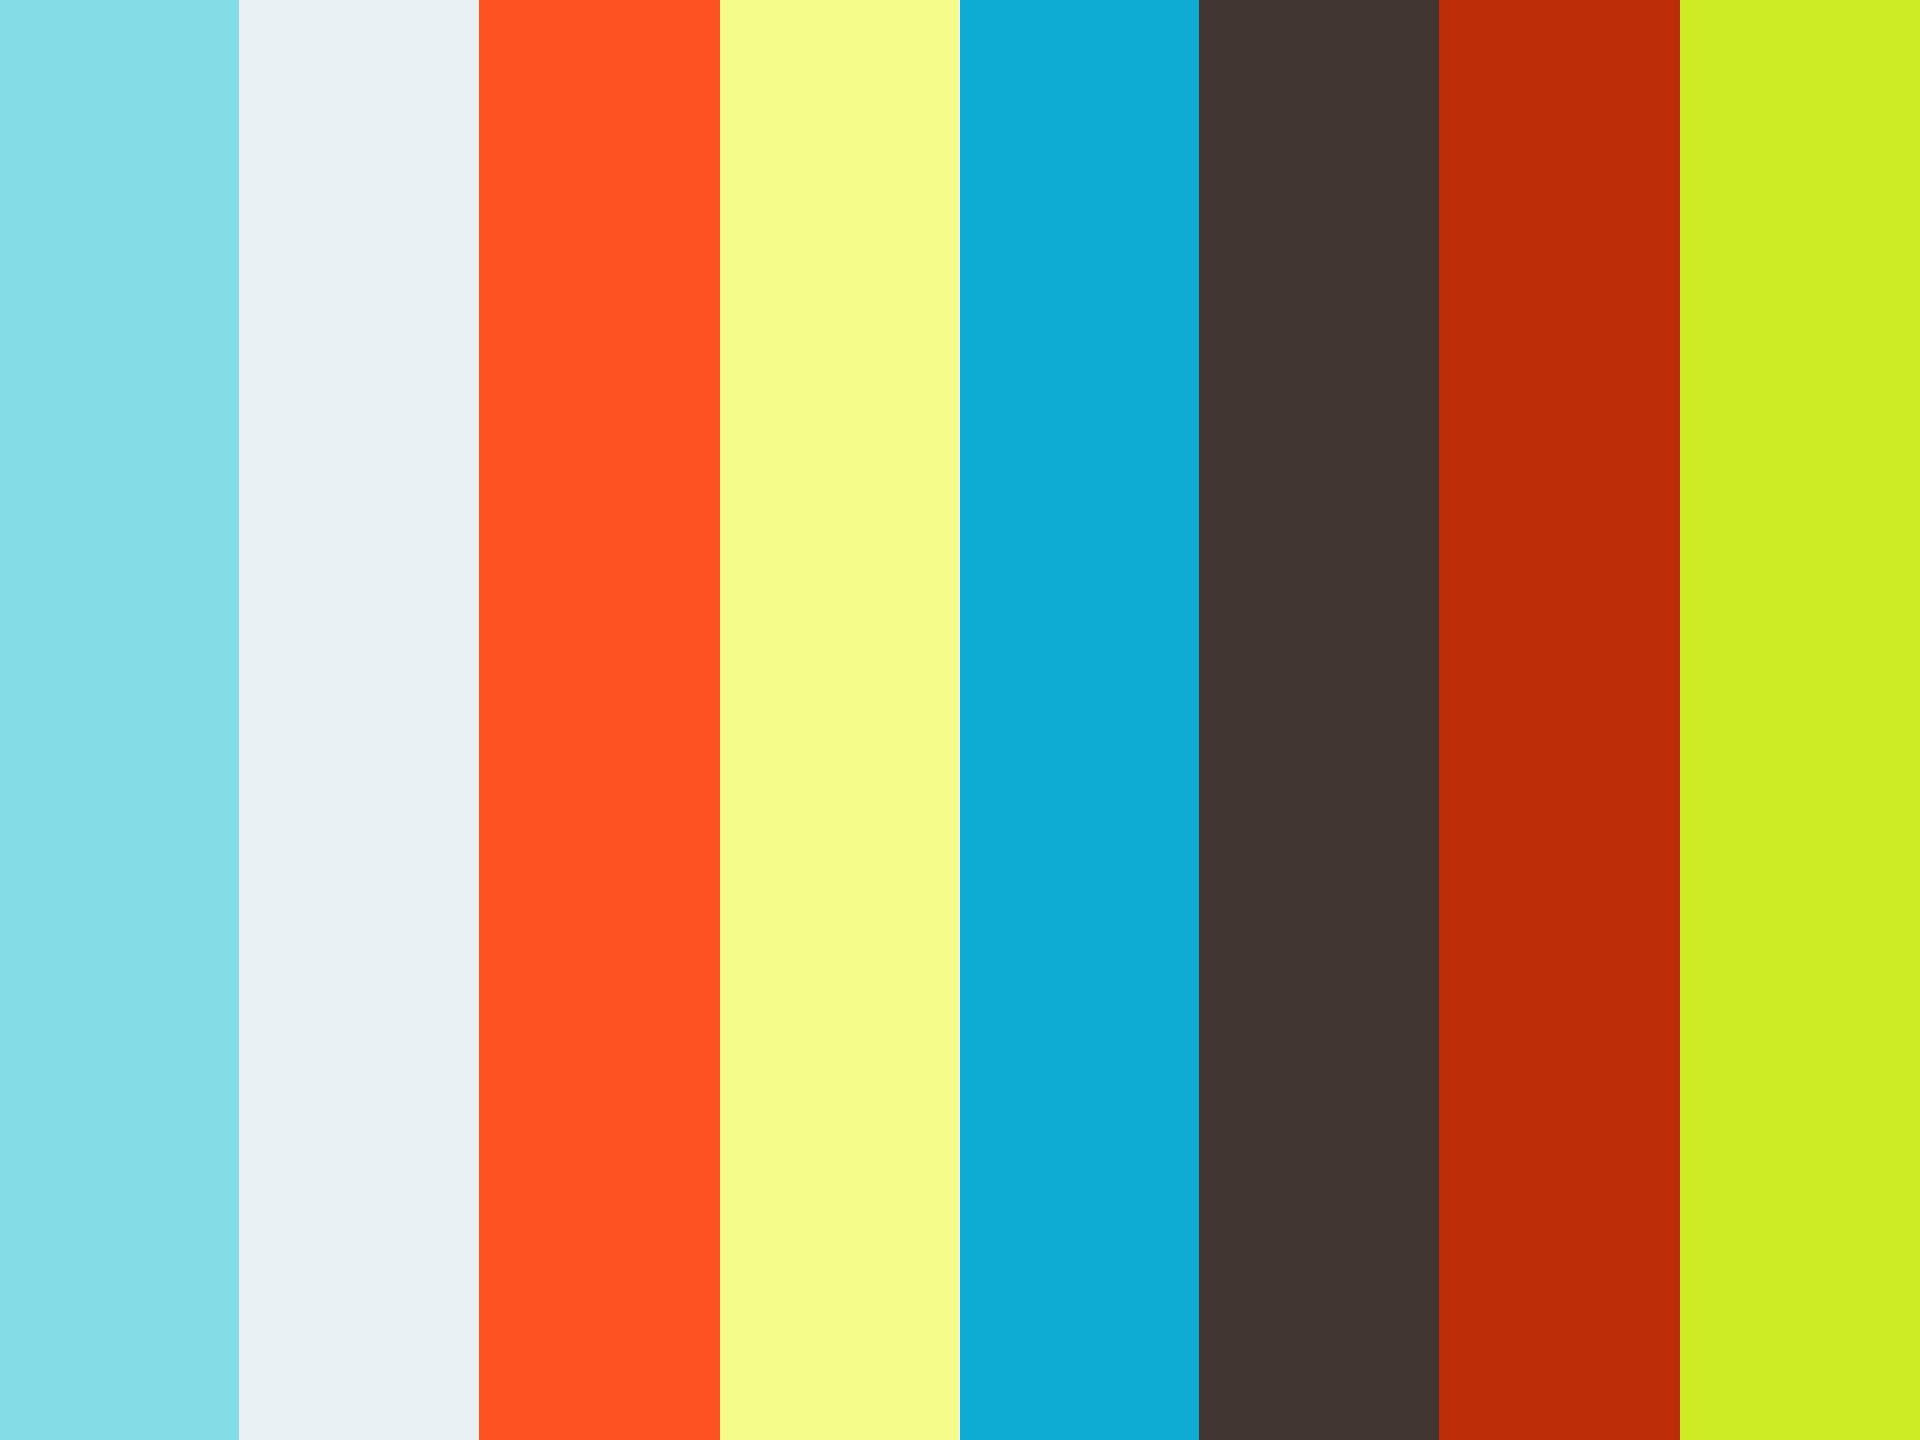 KIA SPORTAGE - BLACK - 2015